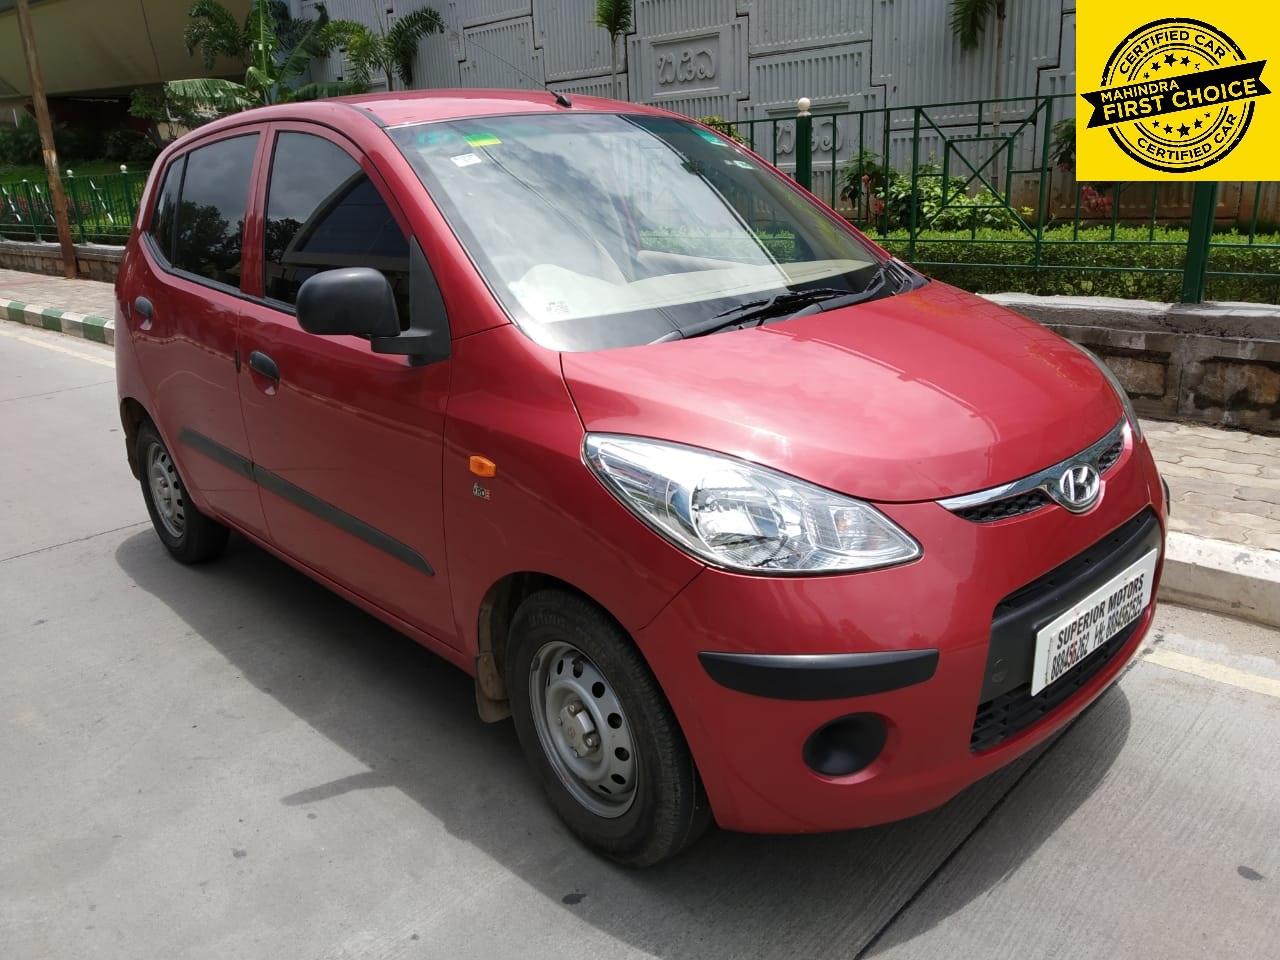 2008 Used Hyundai I10 ERA